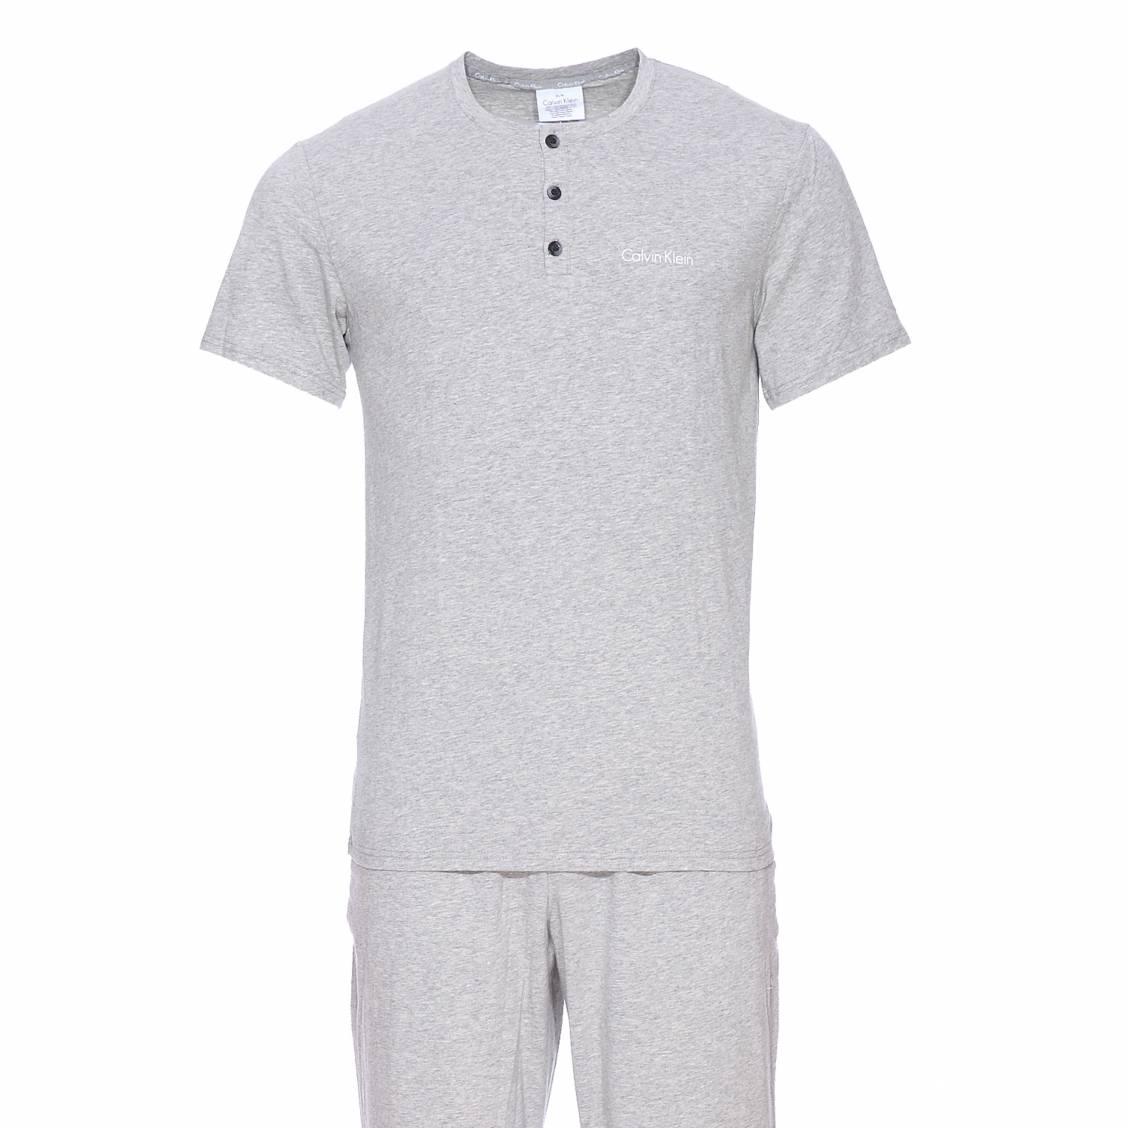 Pyjama long calvin klein en coton : tee-shirt manches courtes à col tunisien et pantalon gris